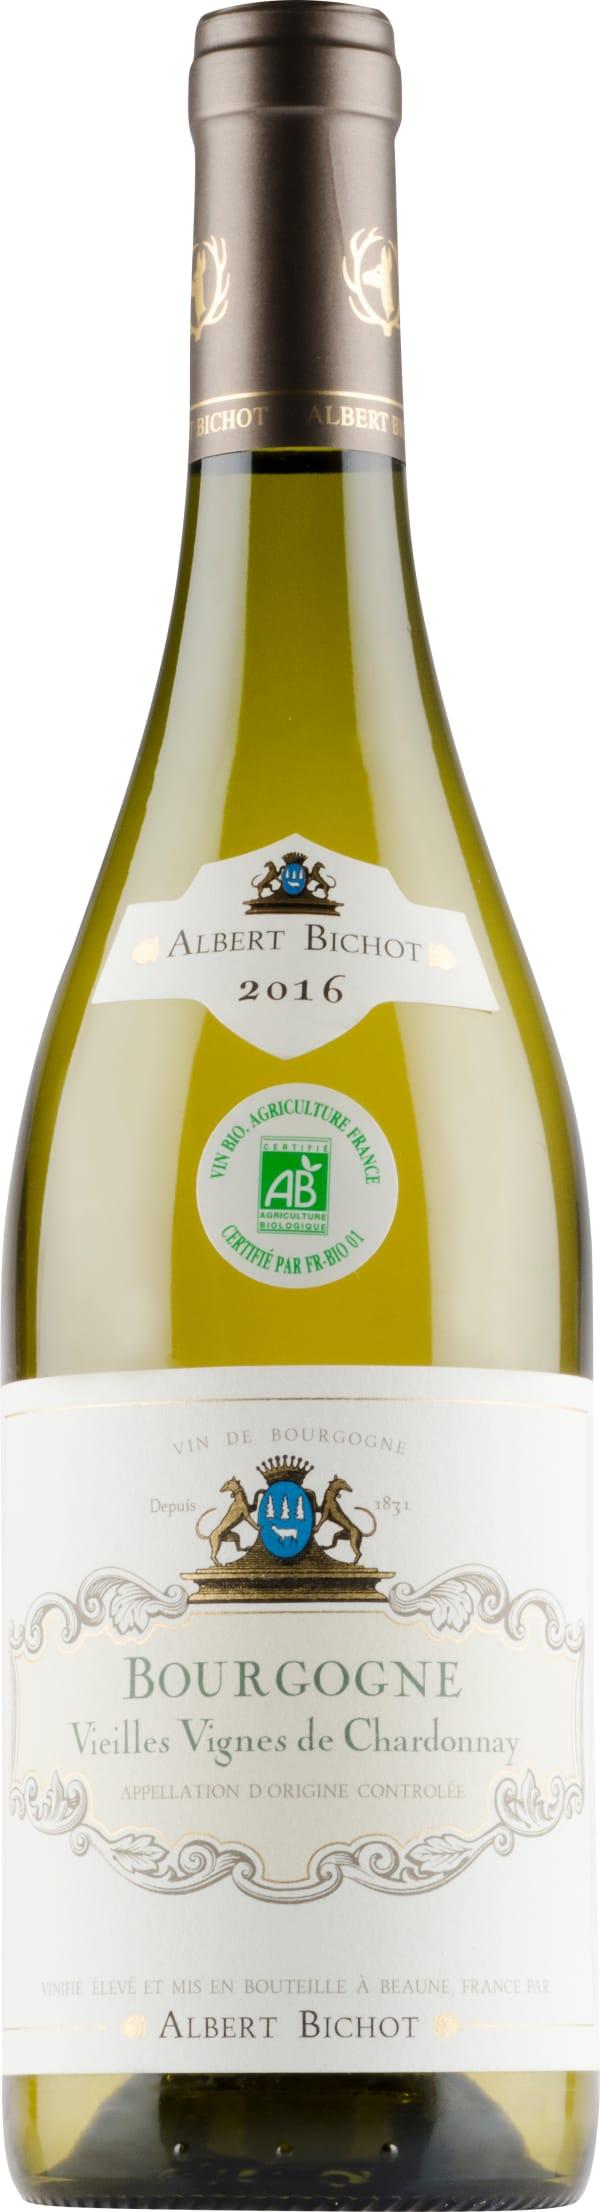 Albert Bichot Bourgogne Vieilles Vignes de Chardonnay 2018